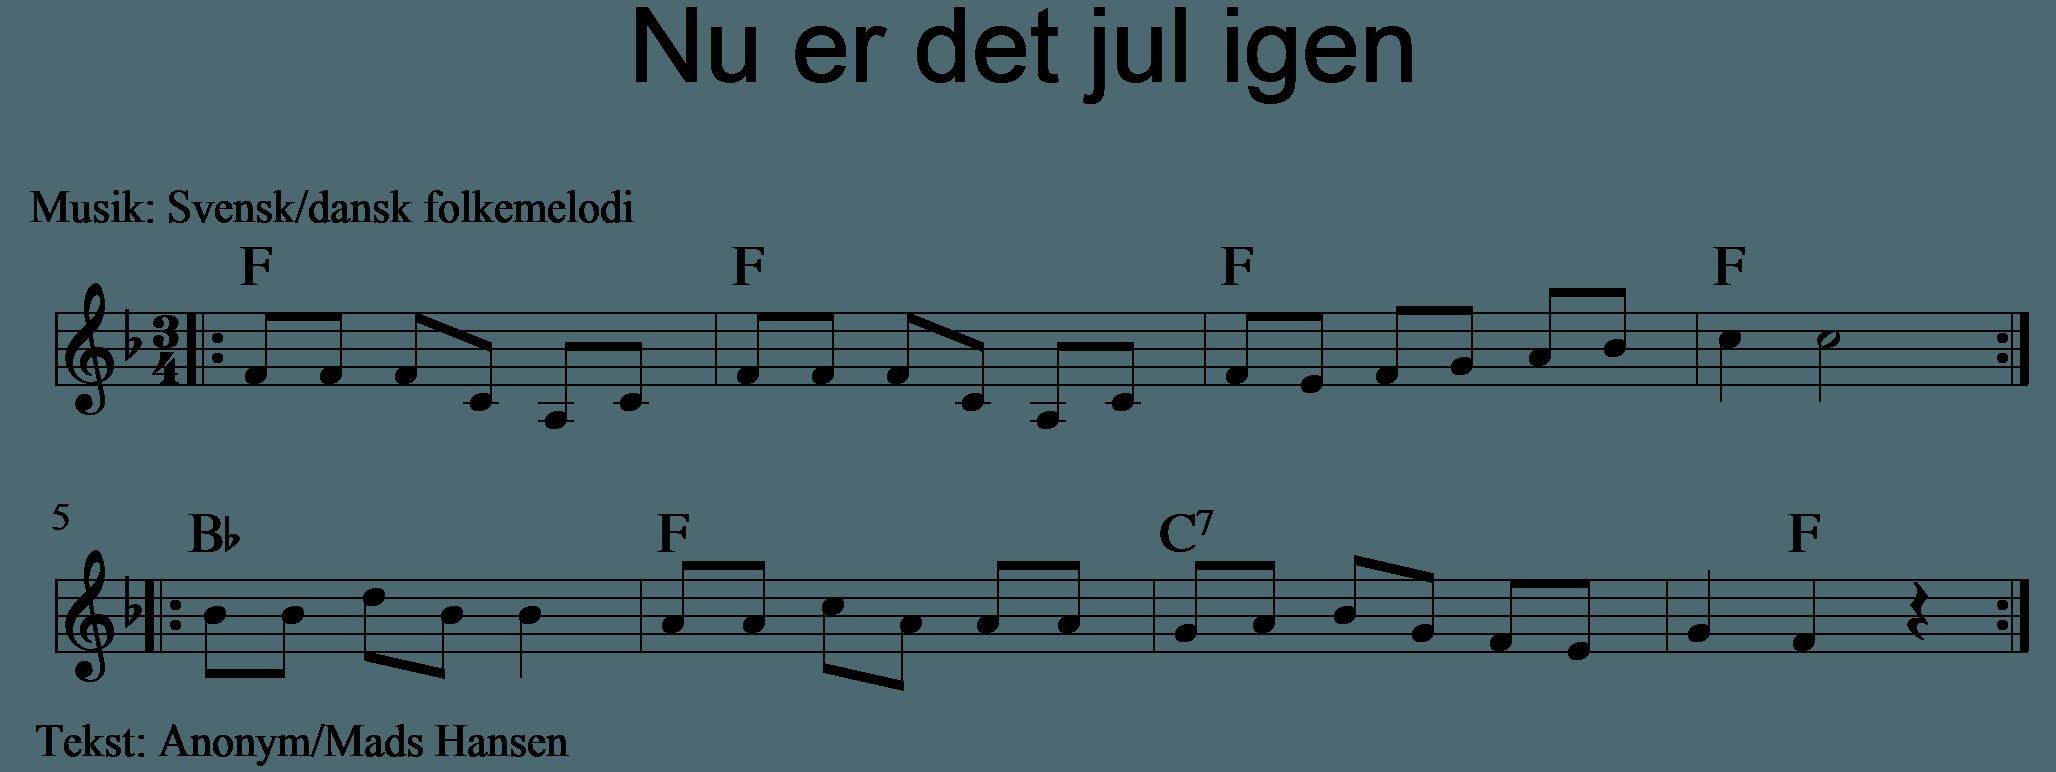 noder-Nu_er_det_jul_igen